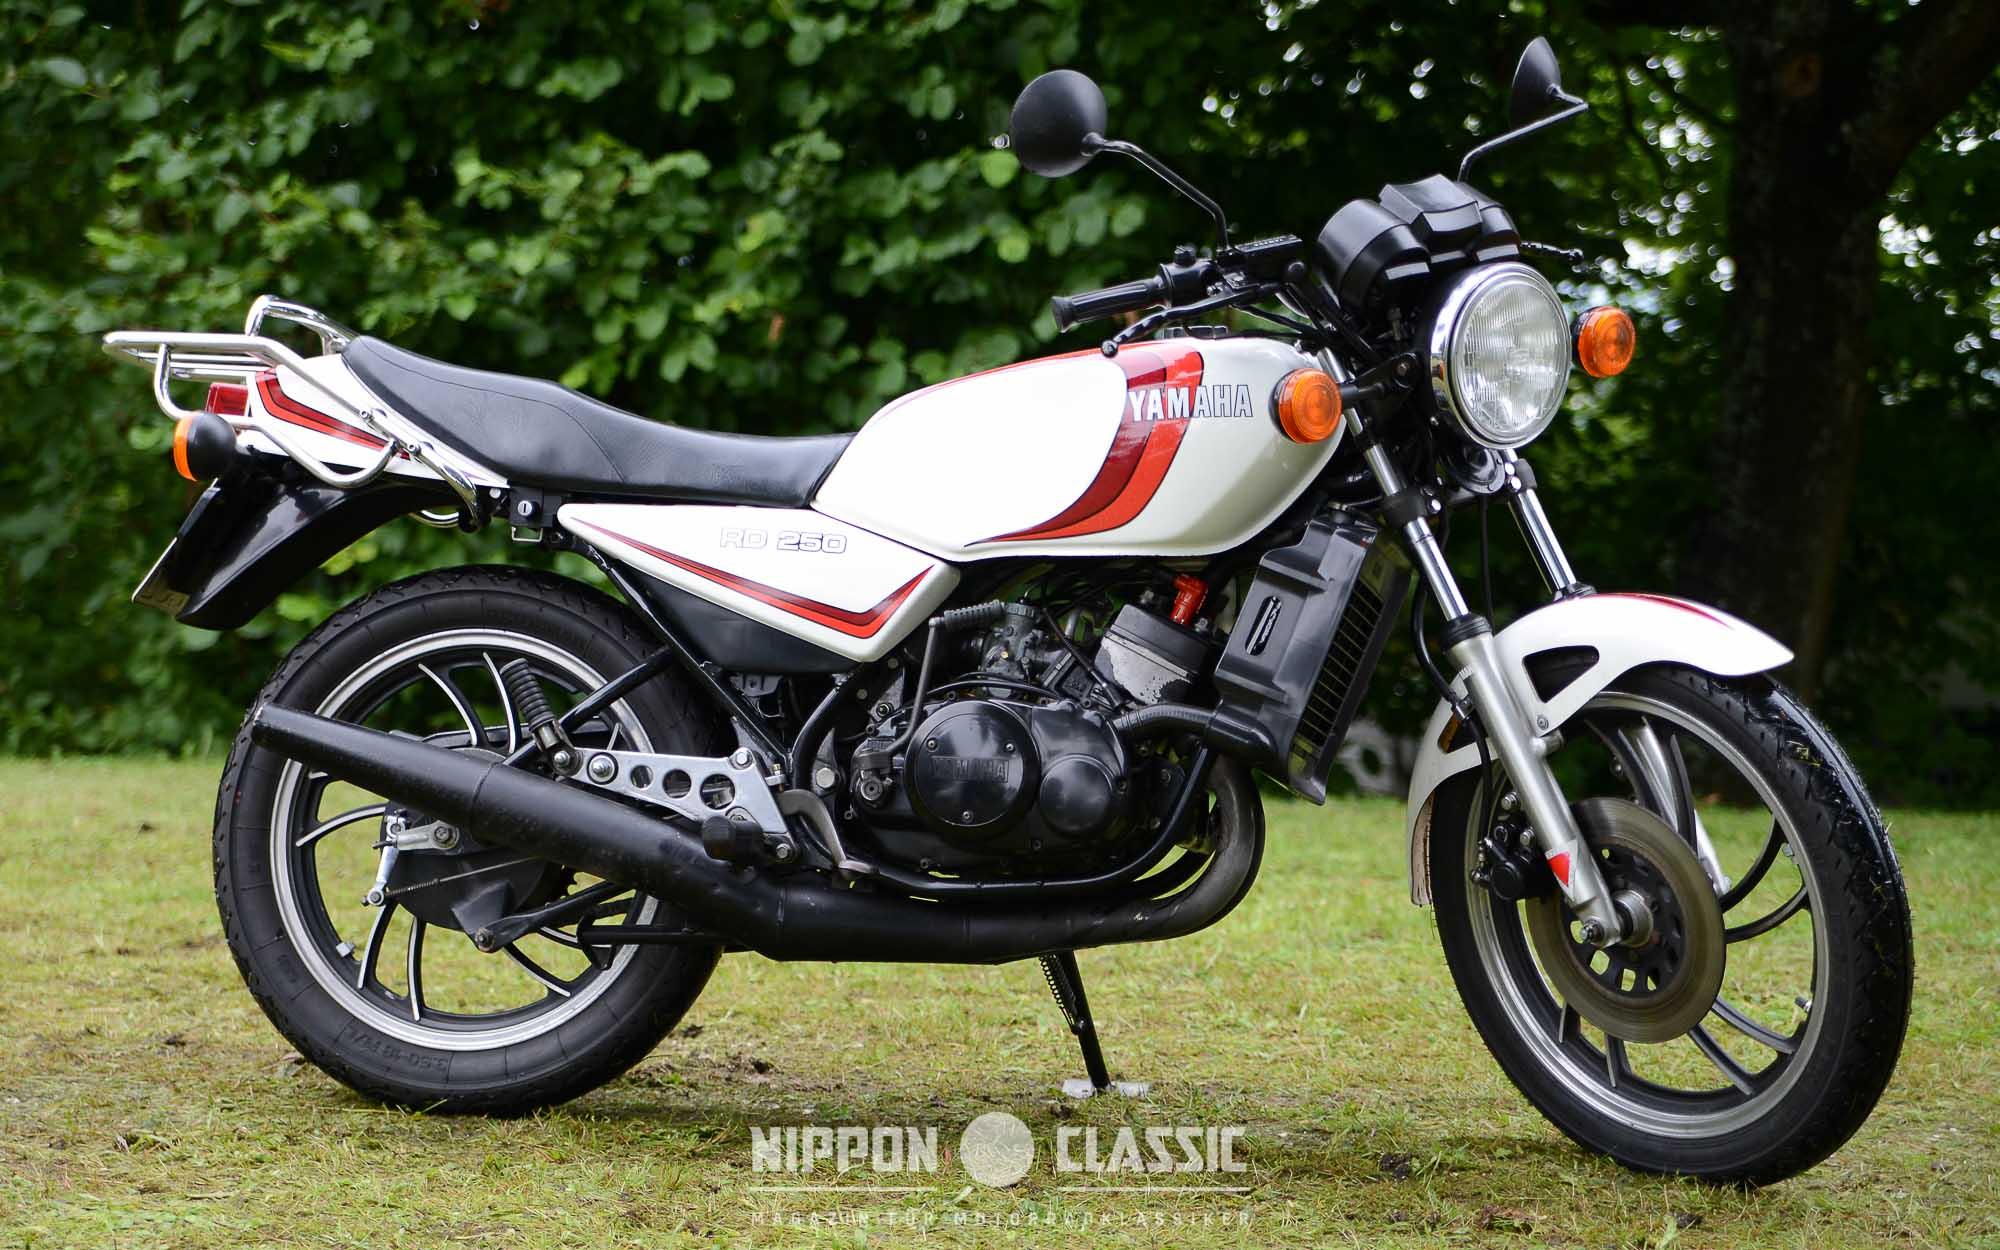 Die Yamaha RD 250 LC erschien zeitgleich mit der RD 350